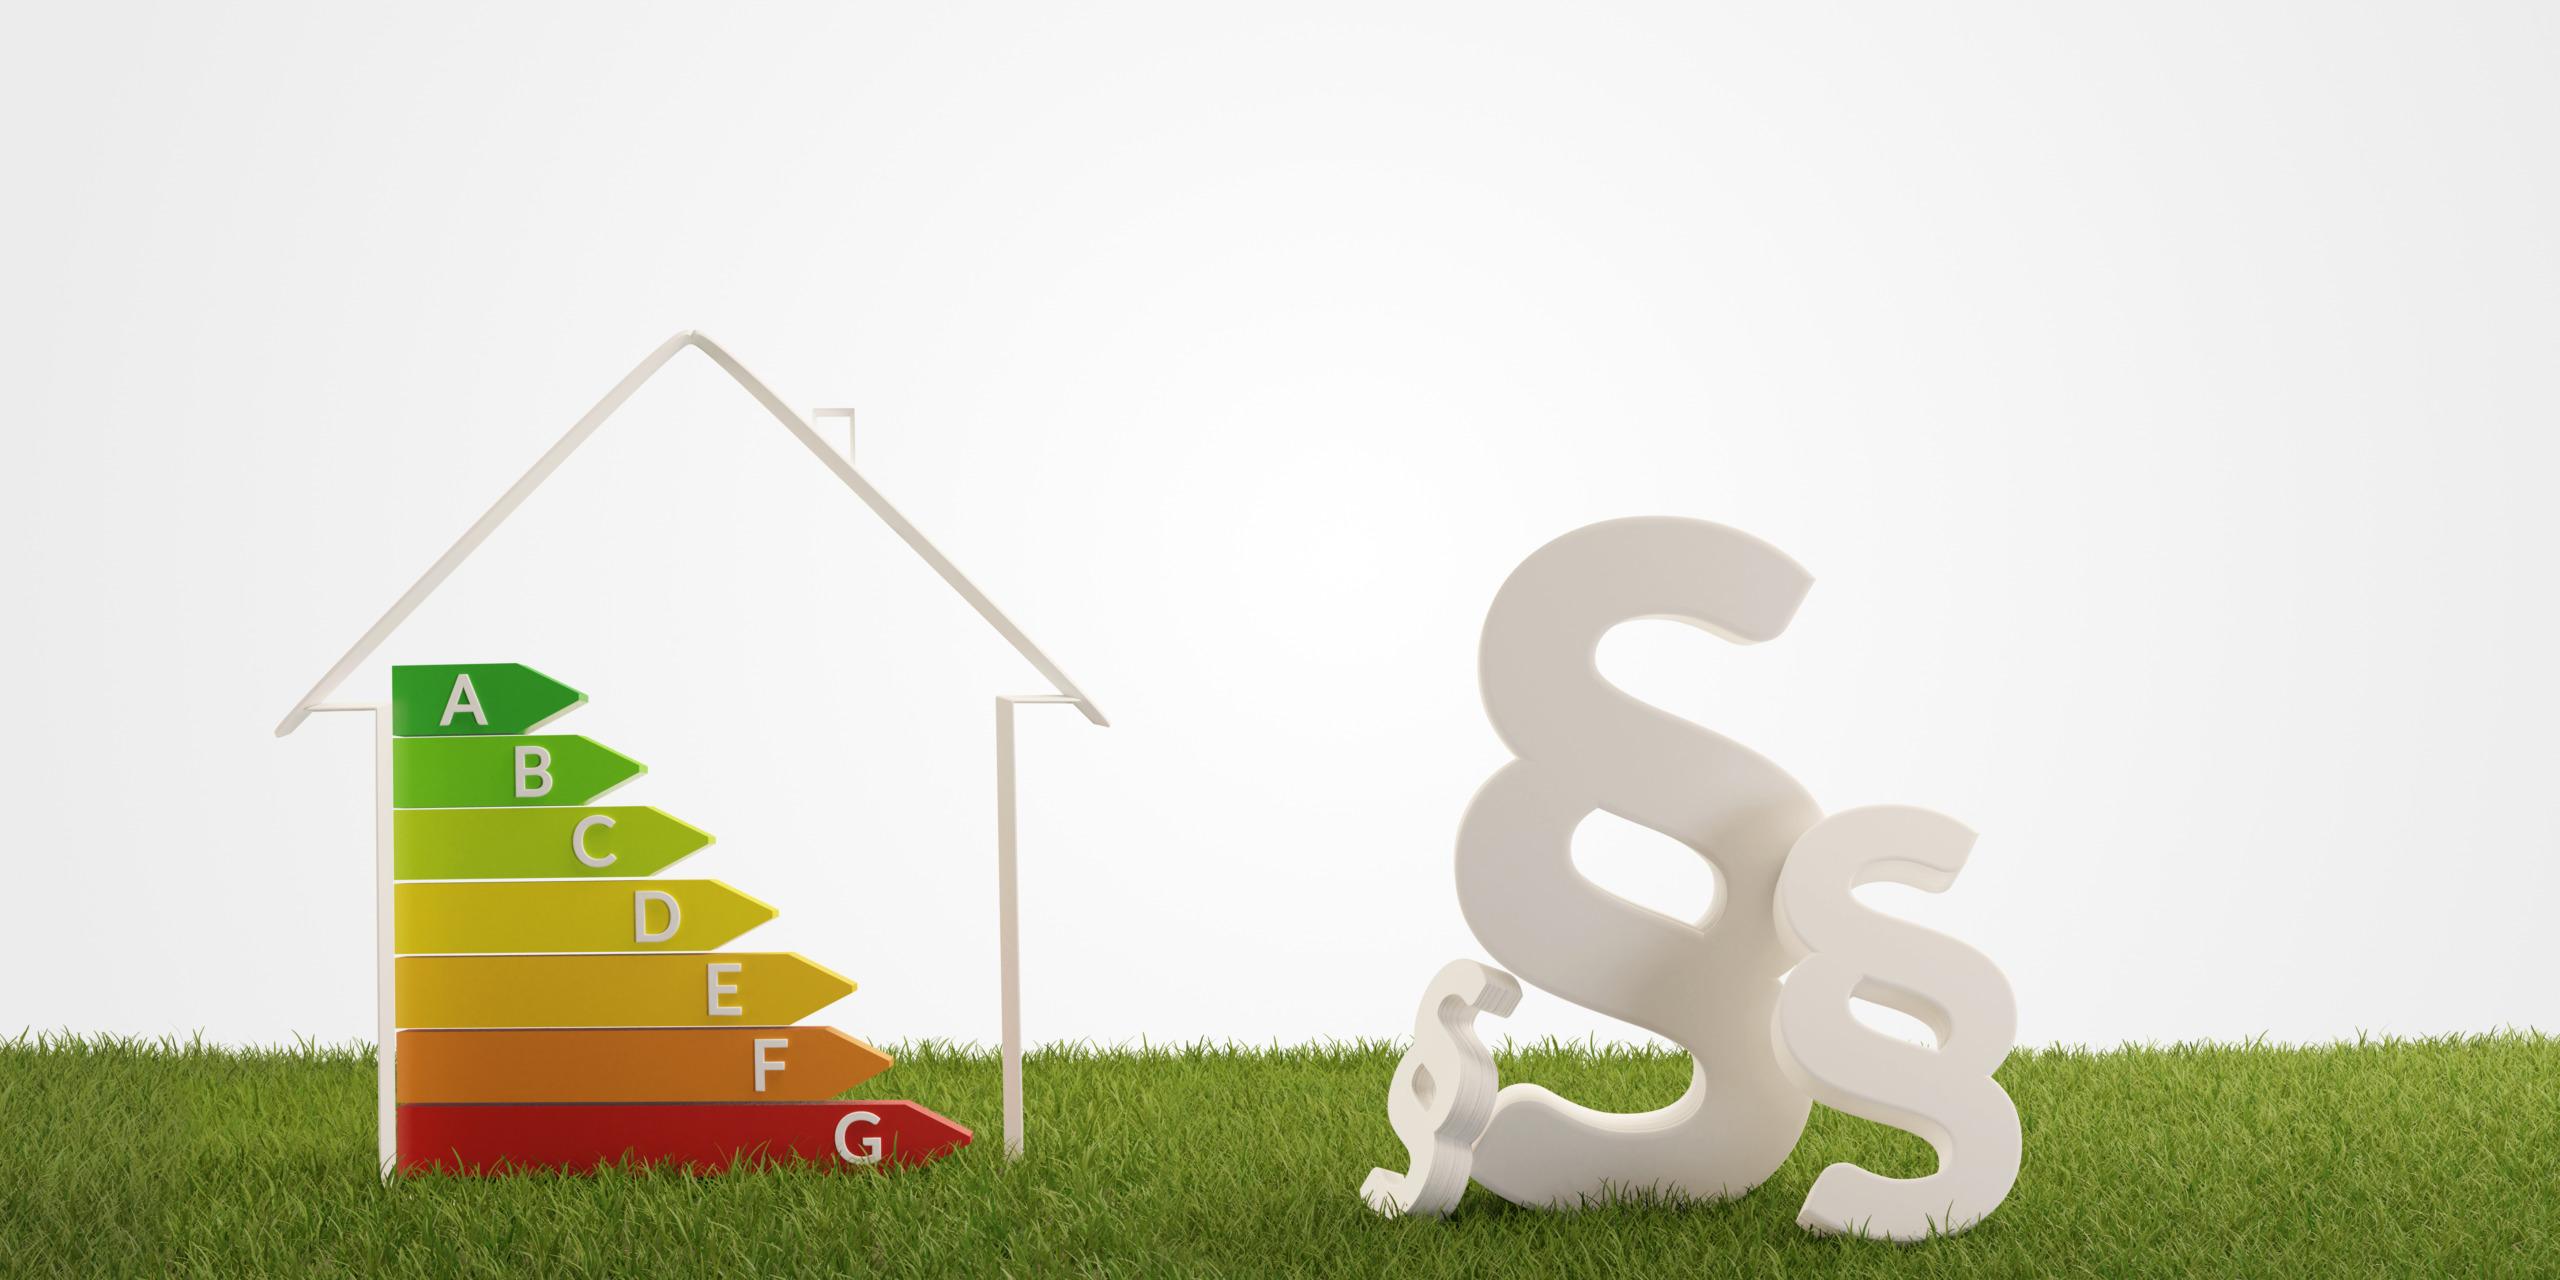 Symbolische Darstellung des Gebäudeenergiegesetzes (GEG): Energieeffizienz-Farbskala für Gebäude und Paragrafenzeichen.